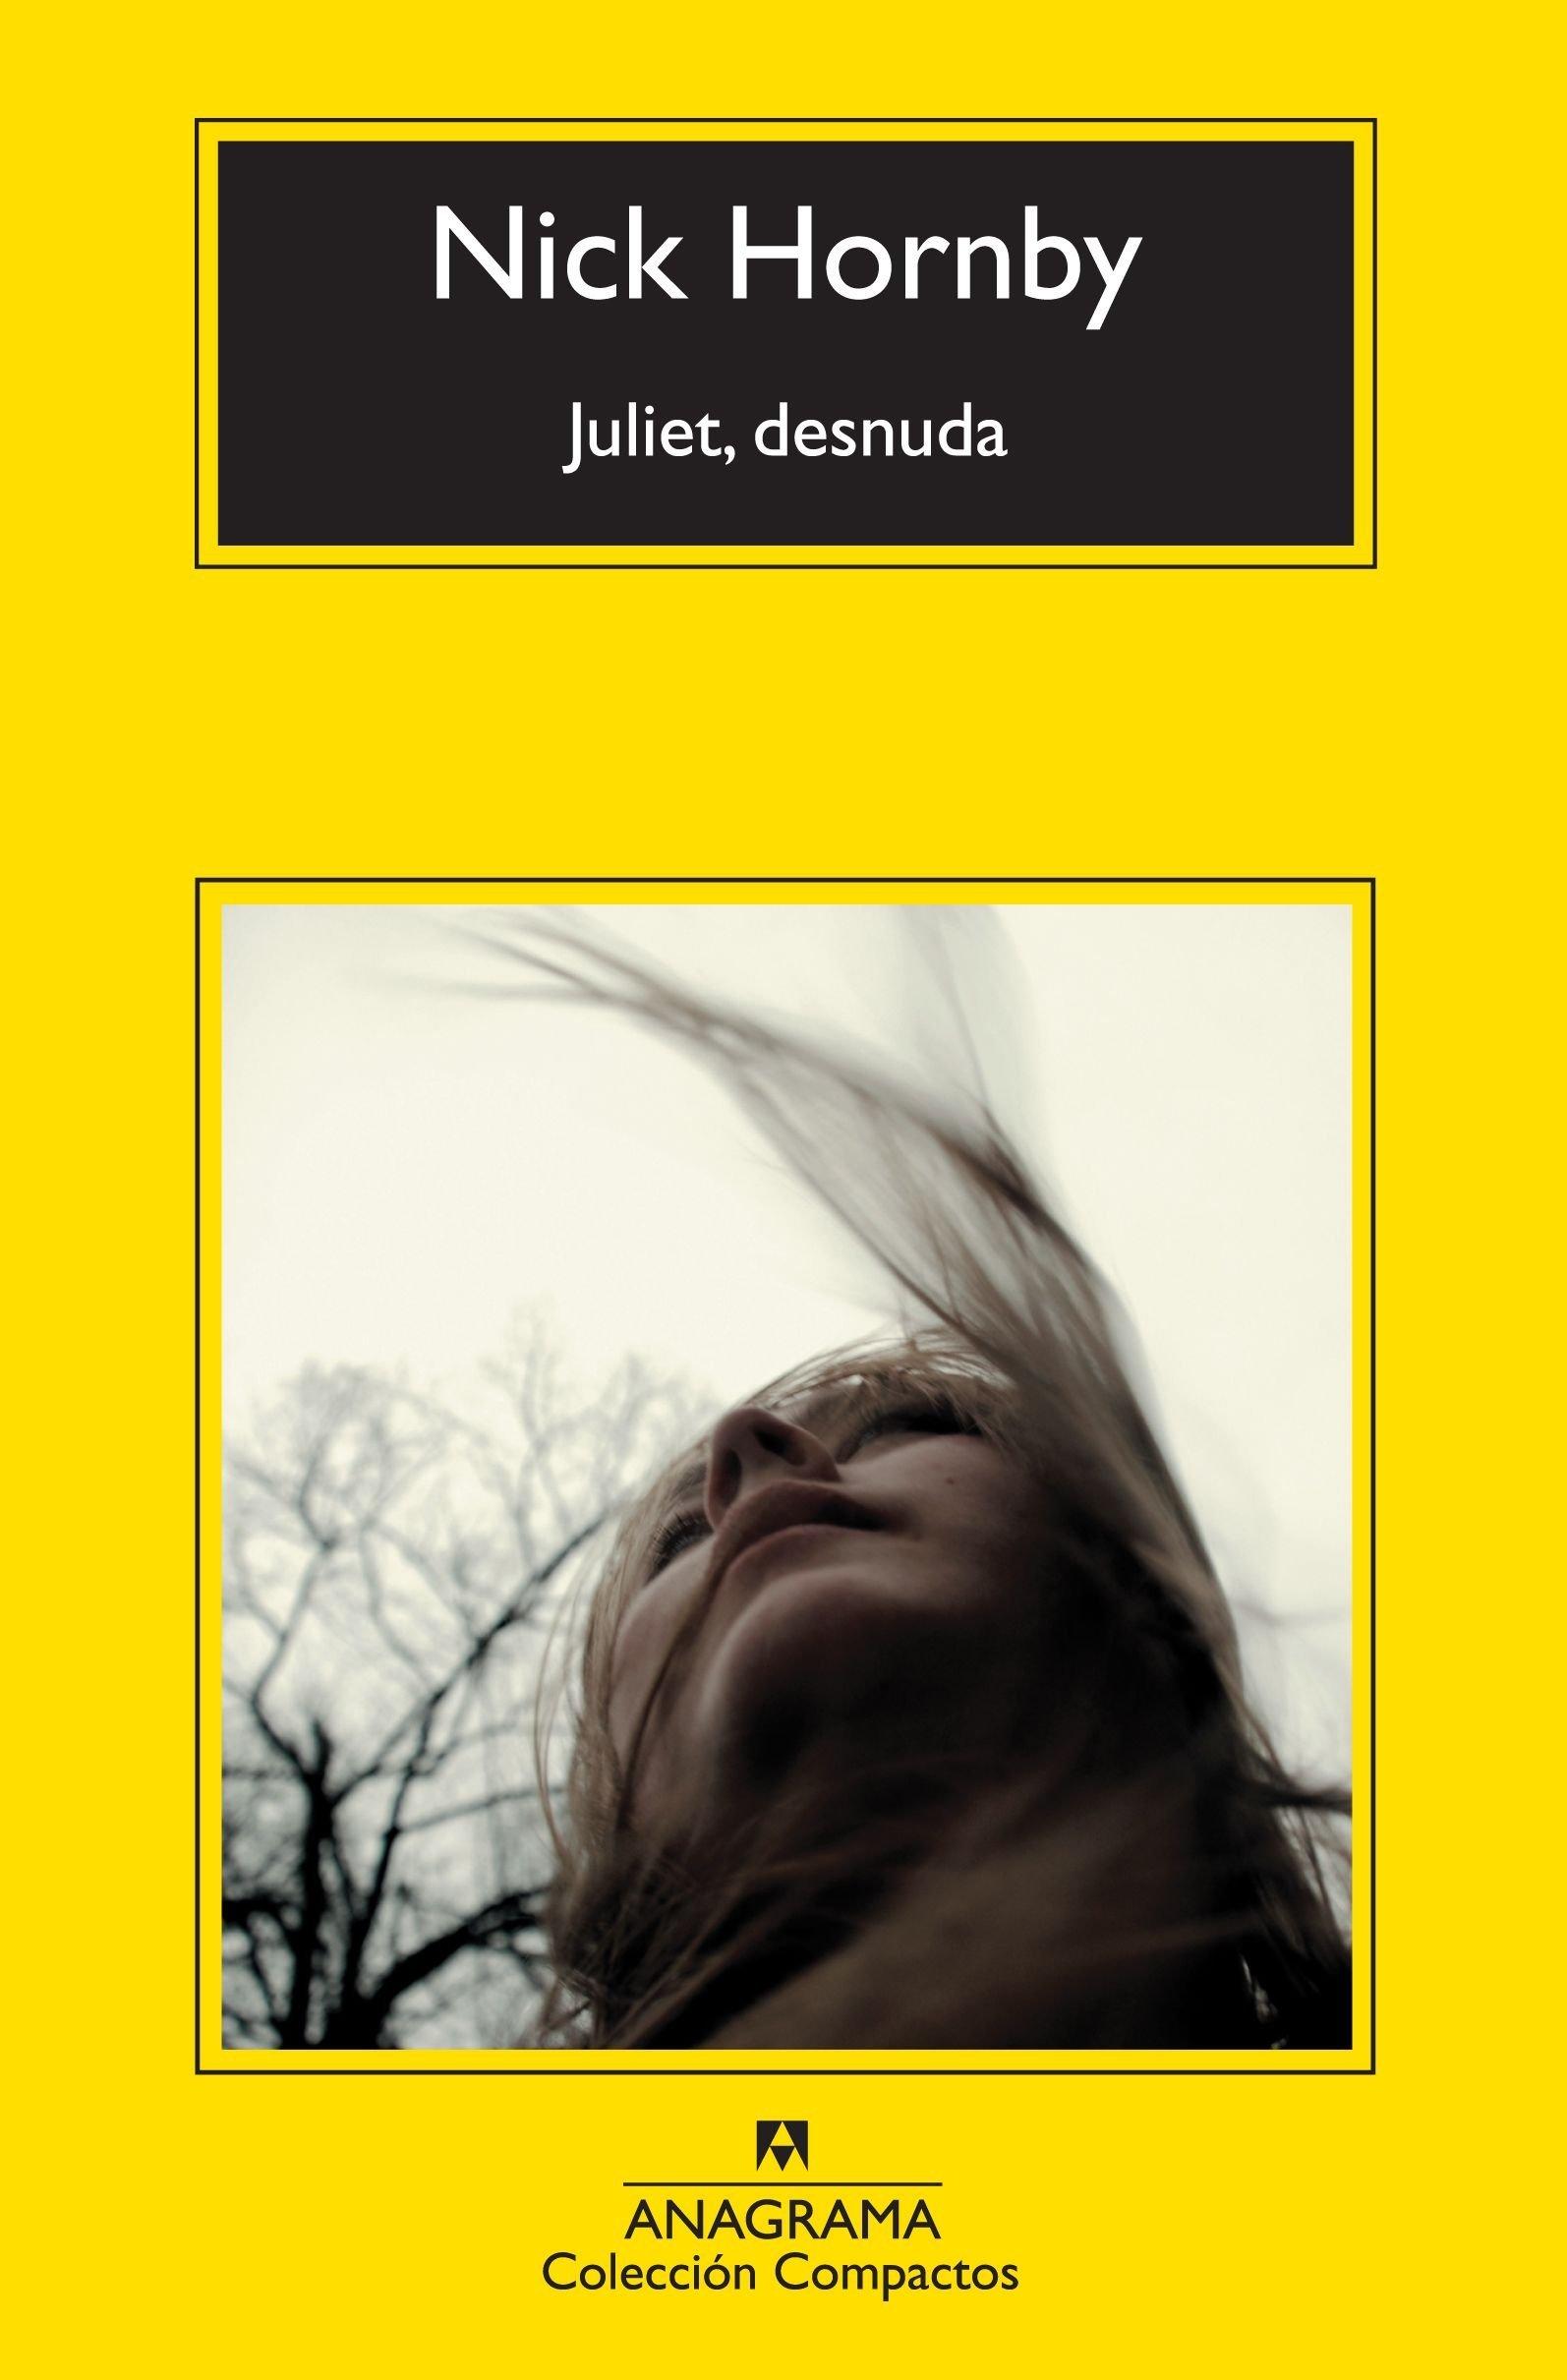 Juliet Desnuda Compactos Anagrama Amazones Nick Hornby Jesús